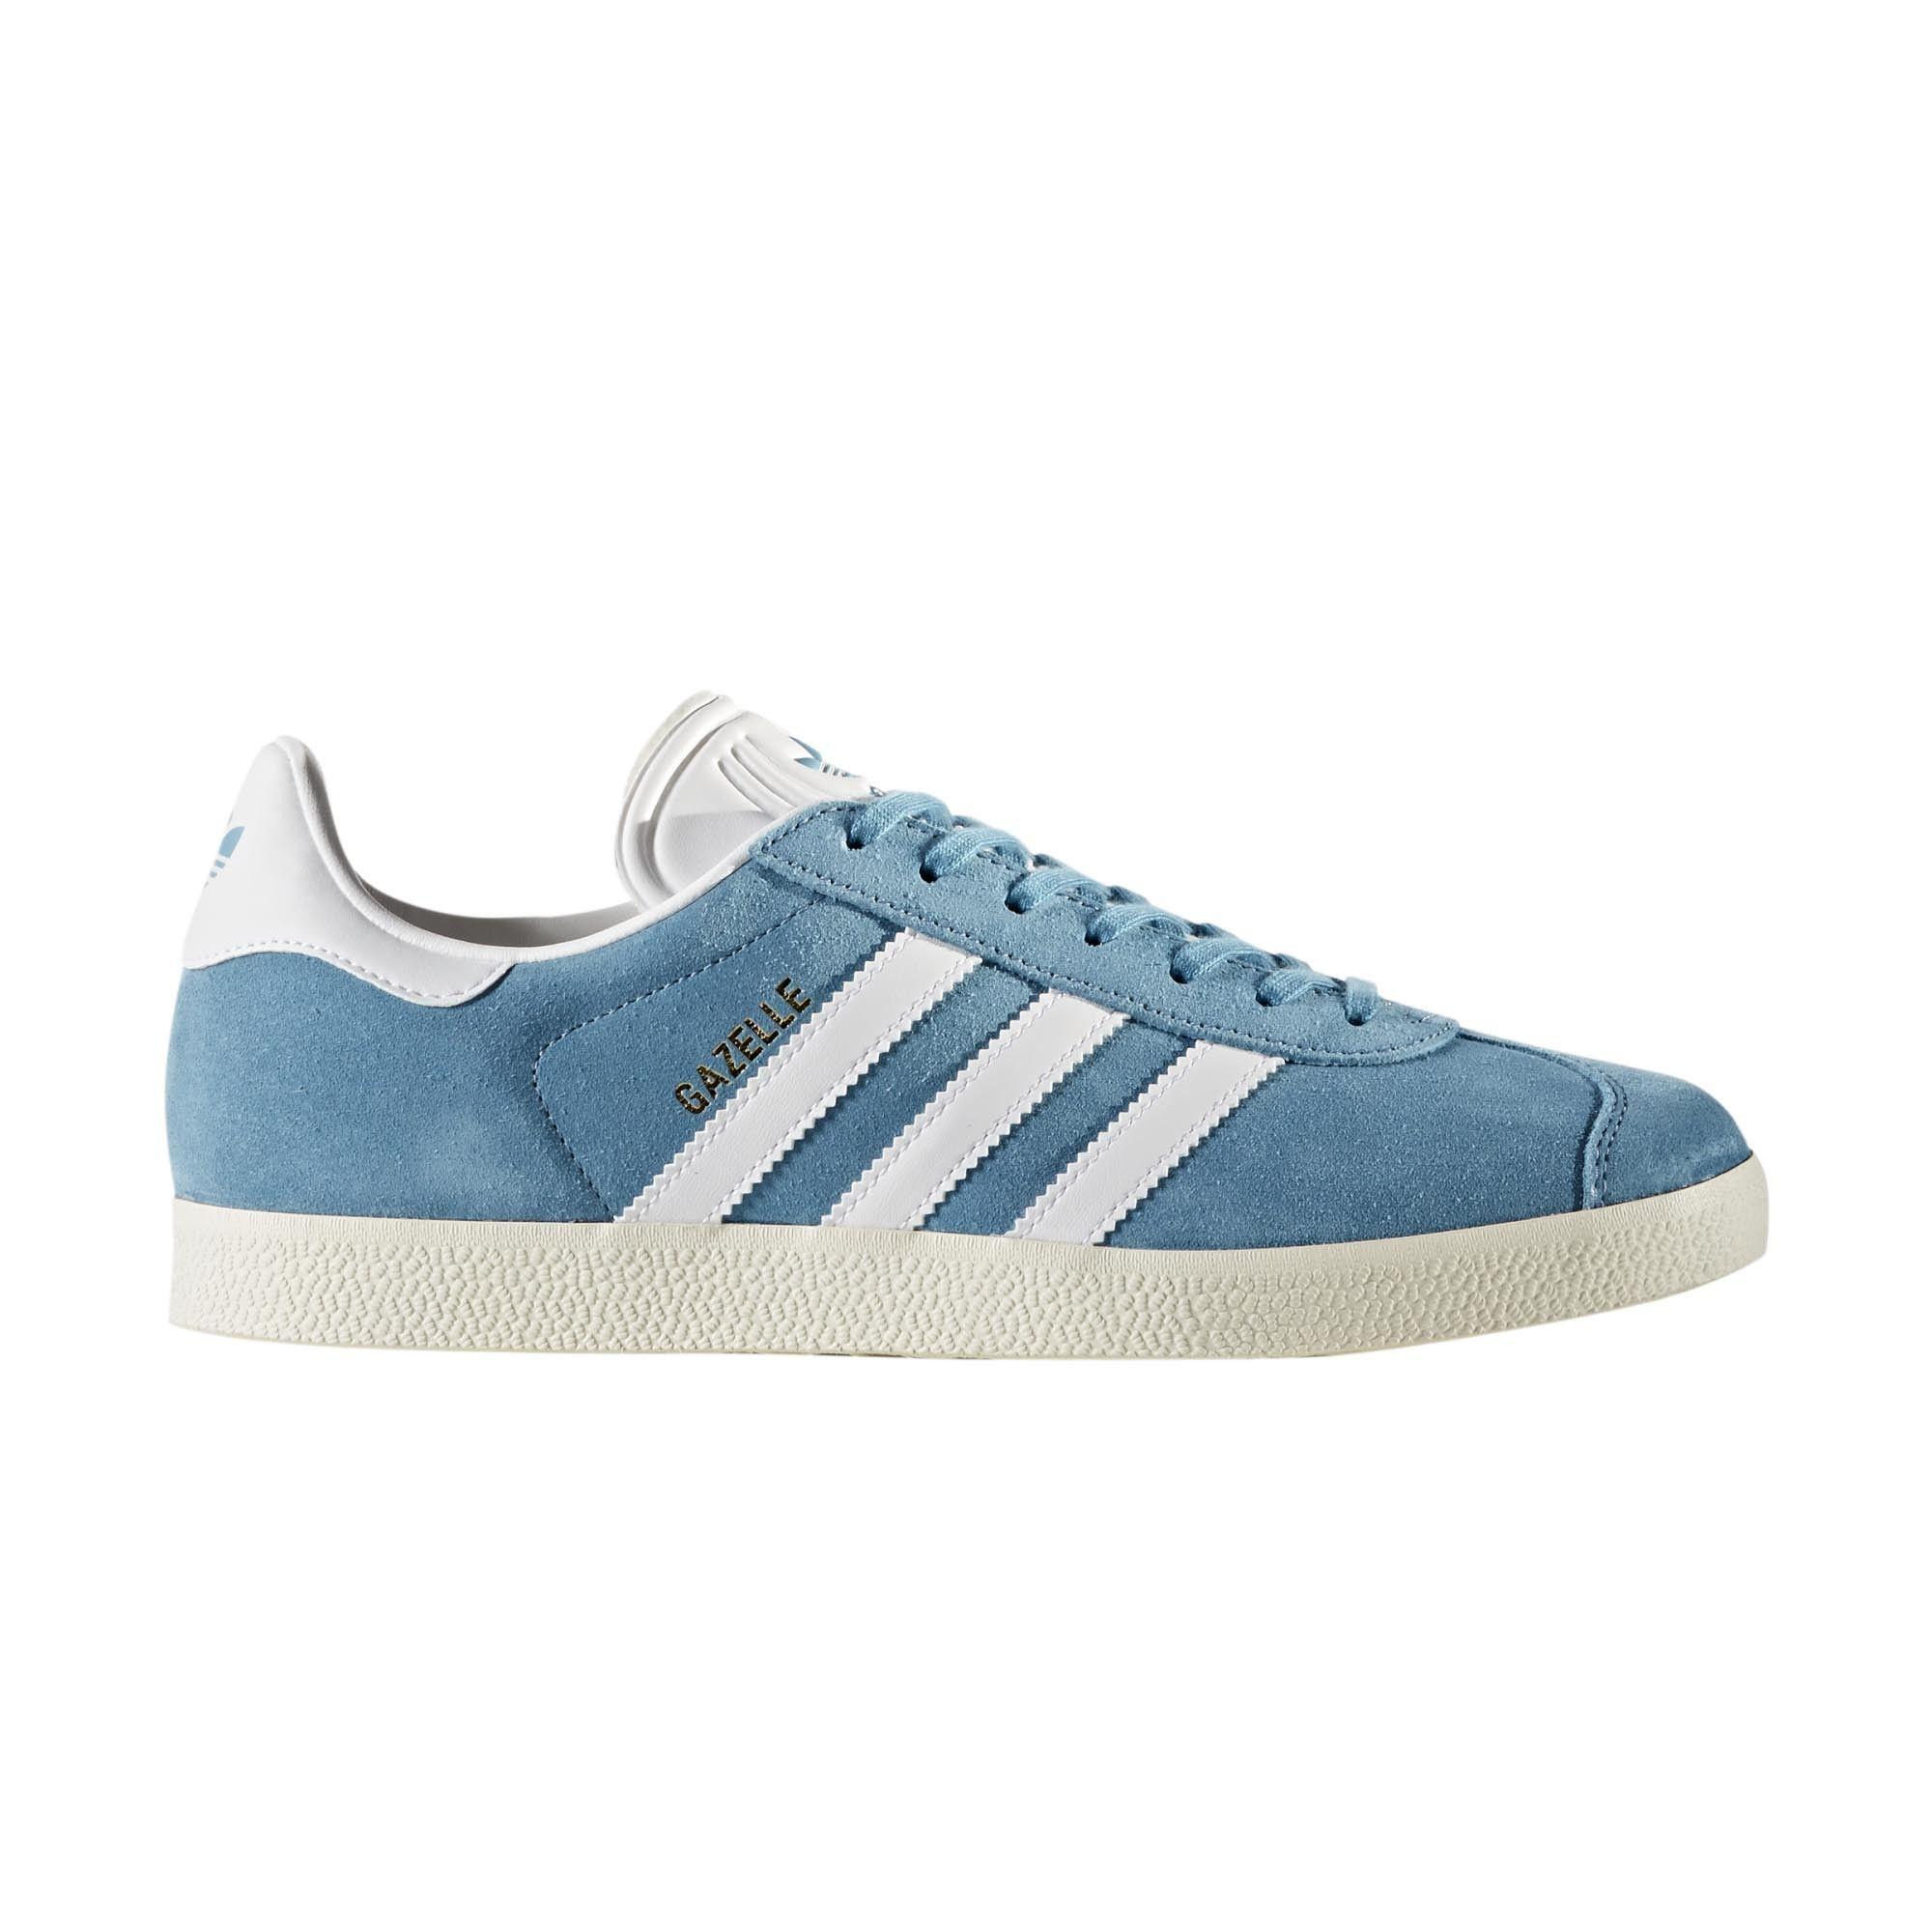 Buty damskie Adidas Gazelle [BZ0022] 37